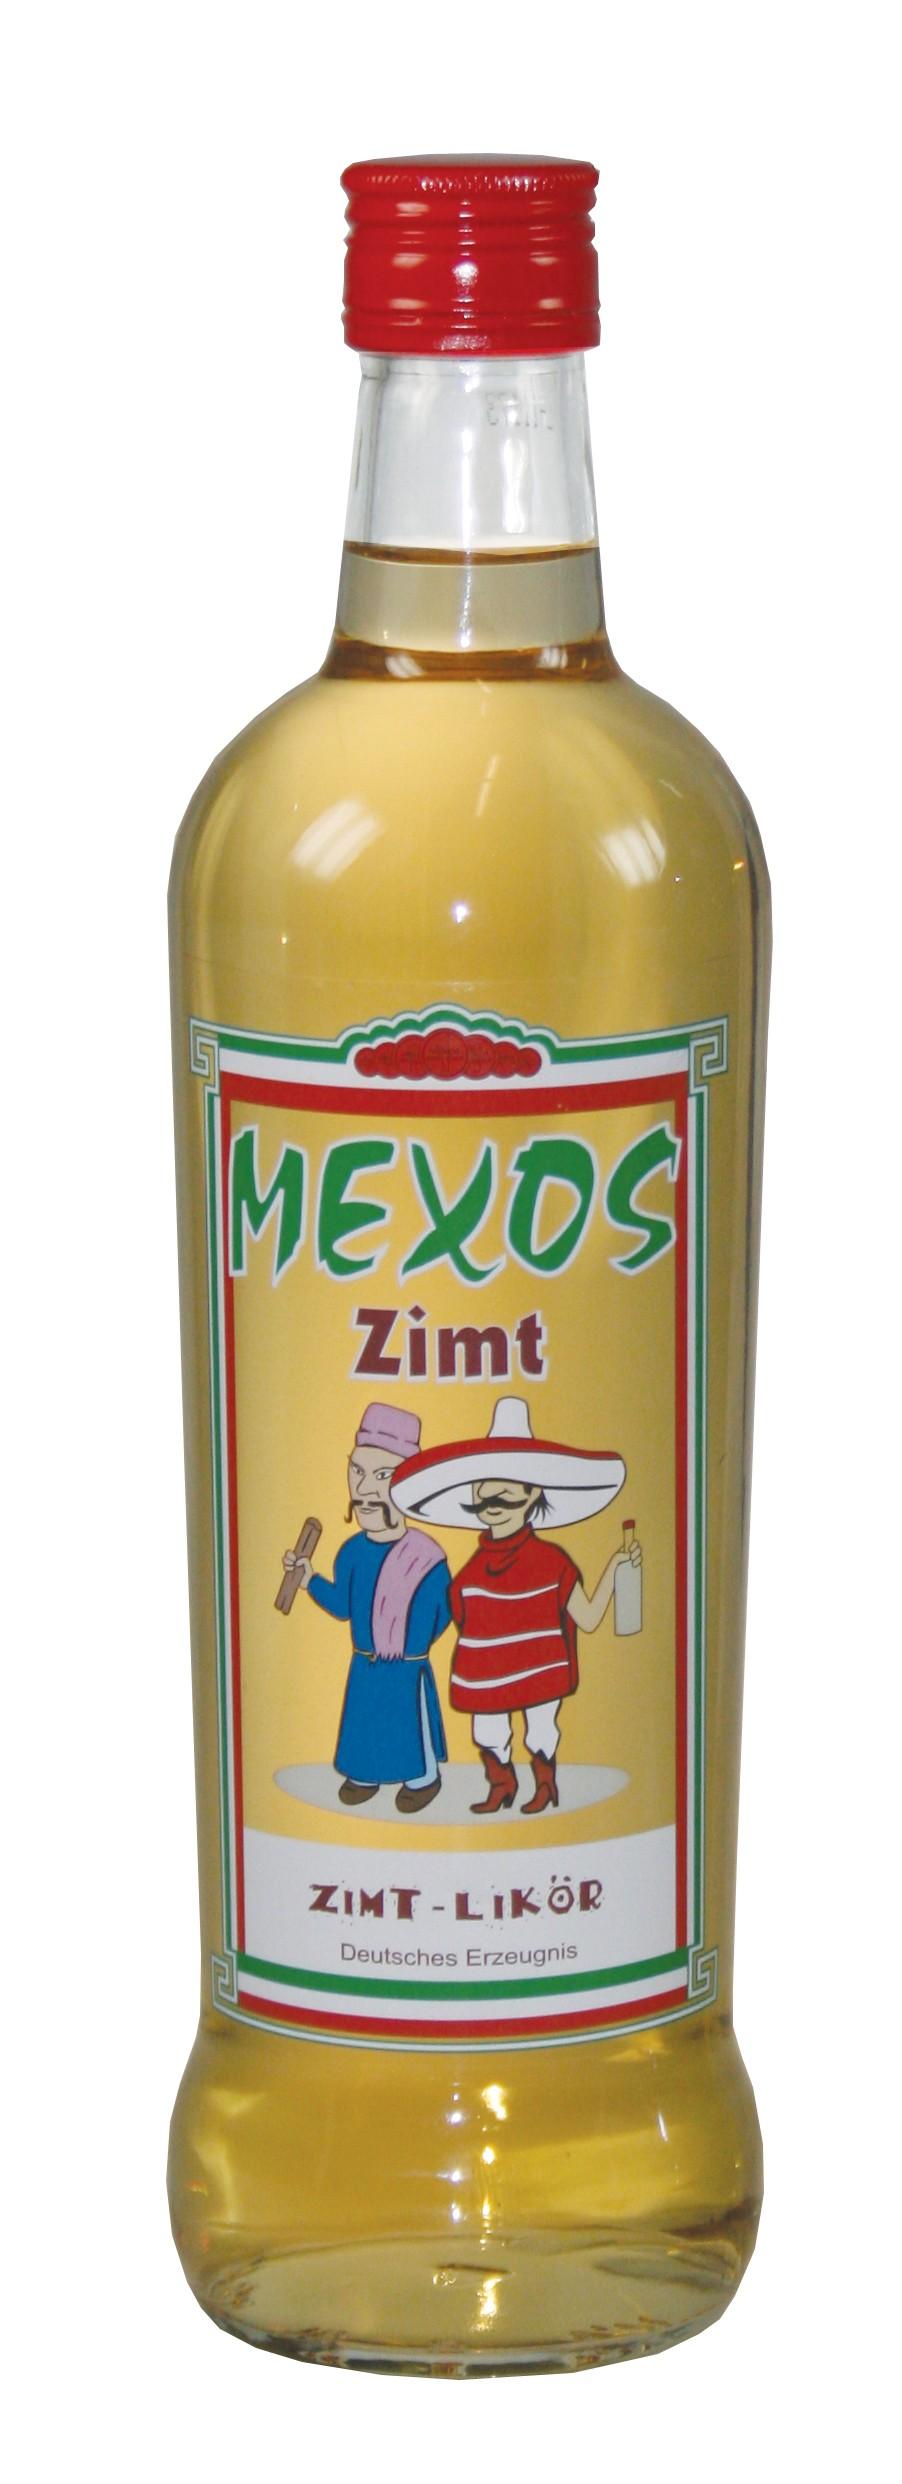 Mexos - Zimt, 0,7 l